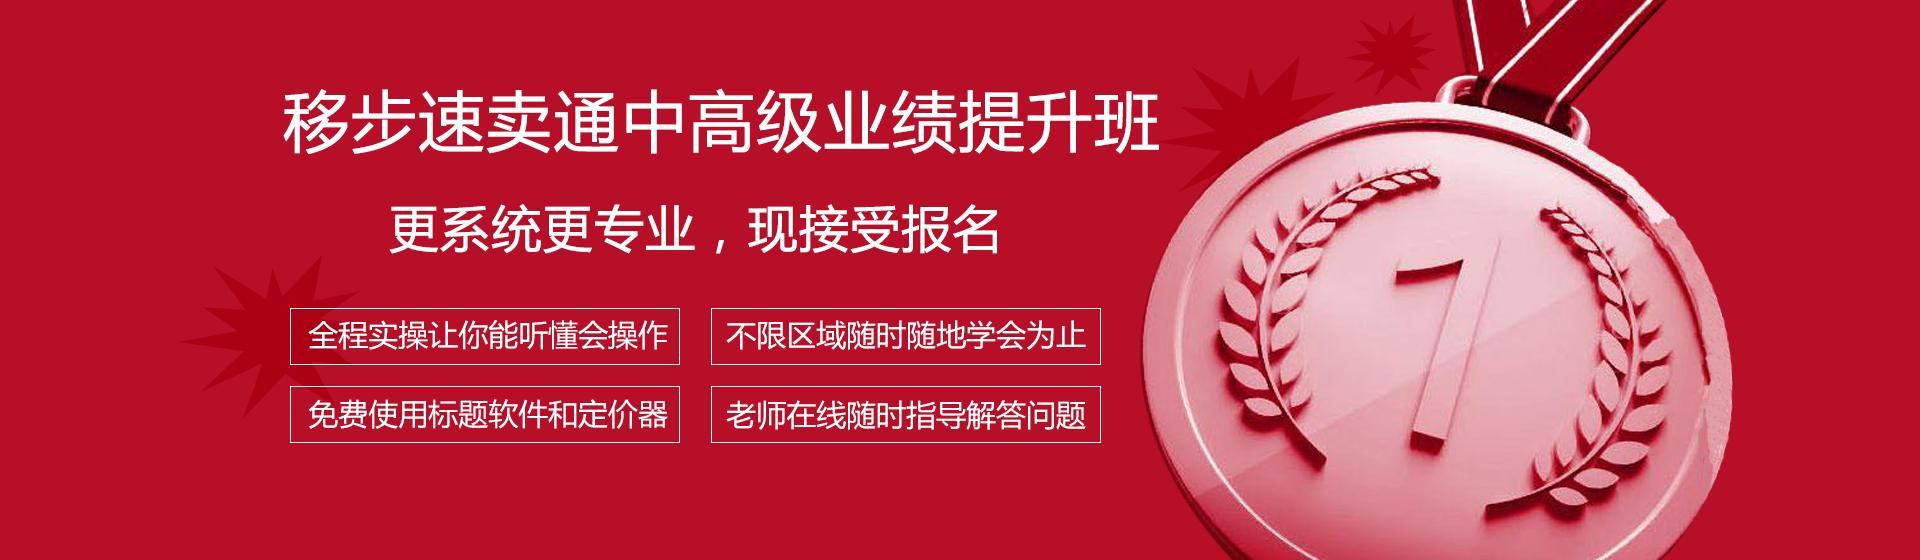 www.jmdspx.com_banner1